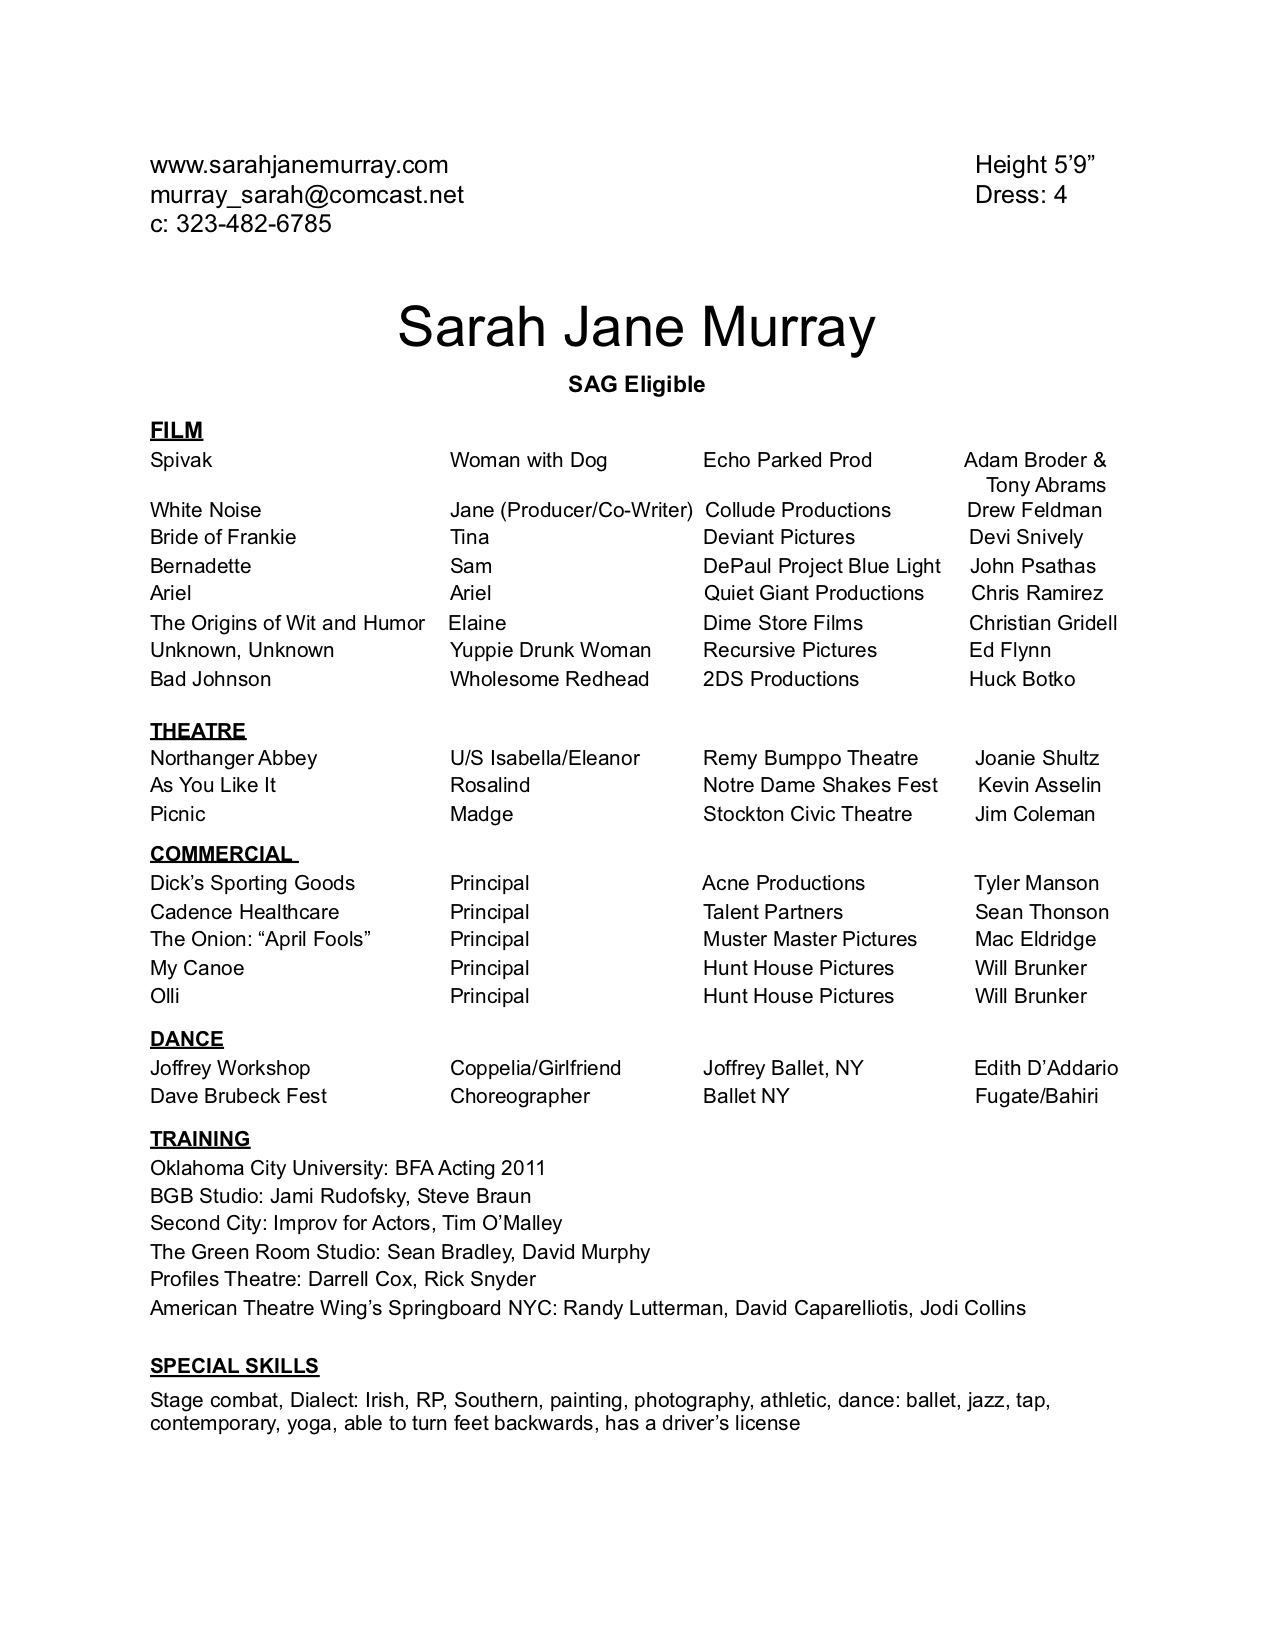 SARAH JANE Resume.jpg